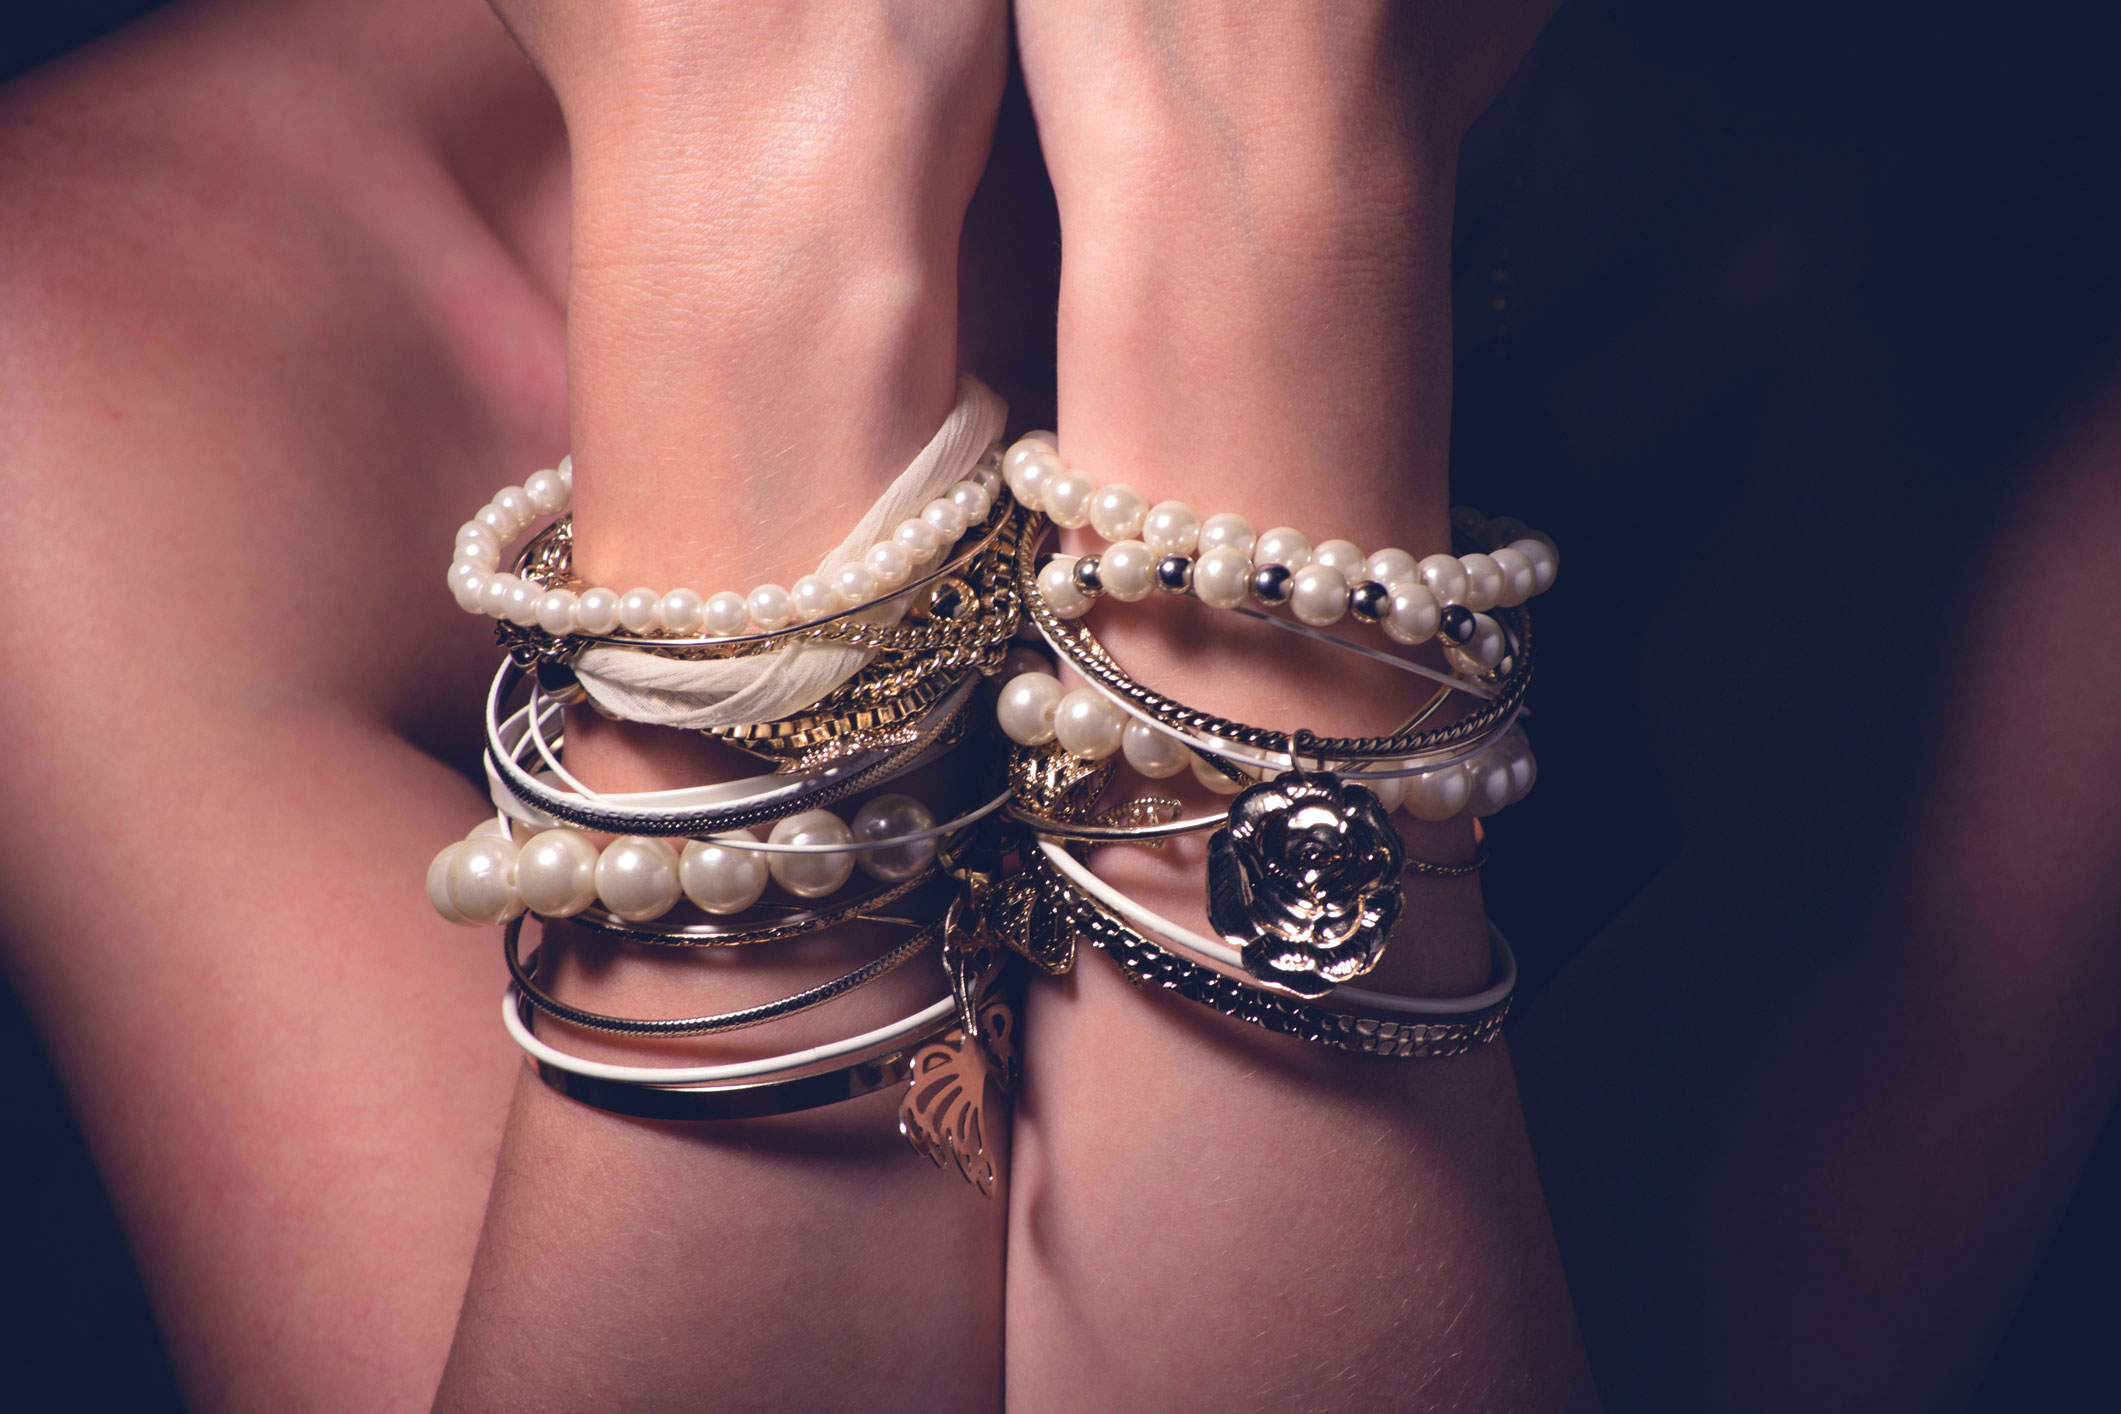 Unique Women's Bracelets: 4 Places to Purchase | LoveToKnow